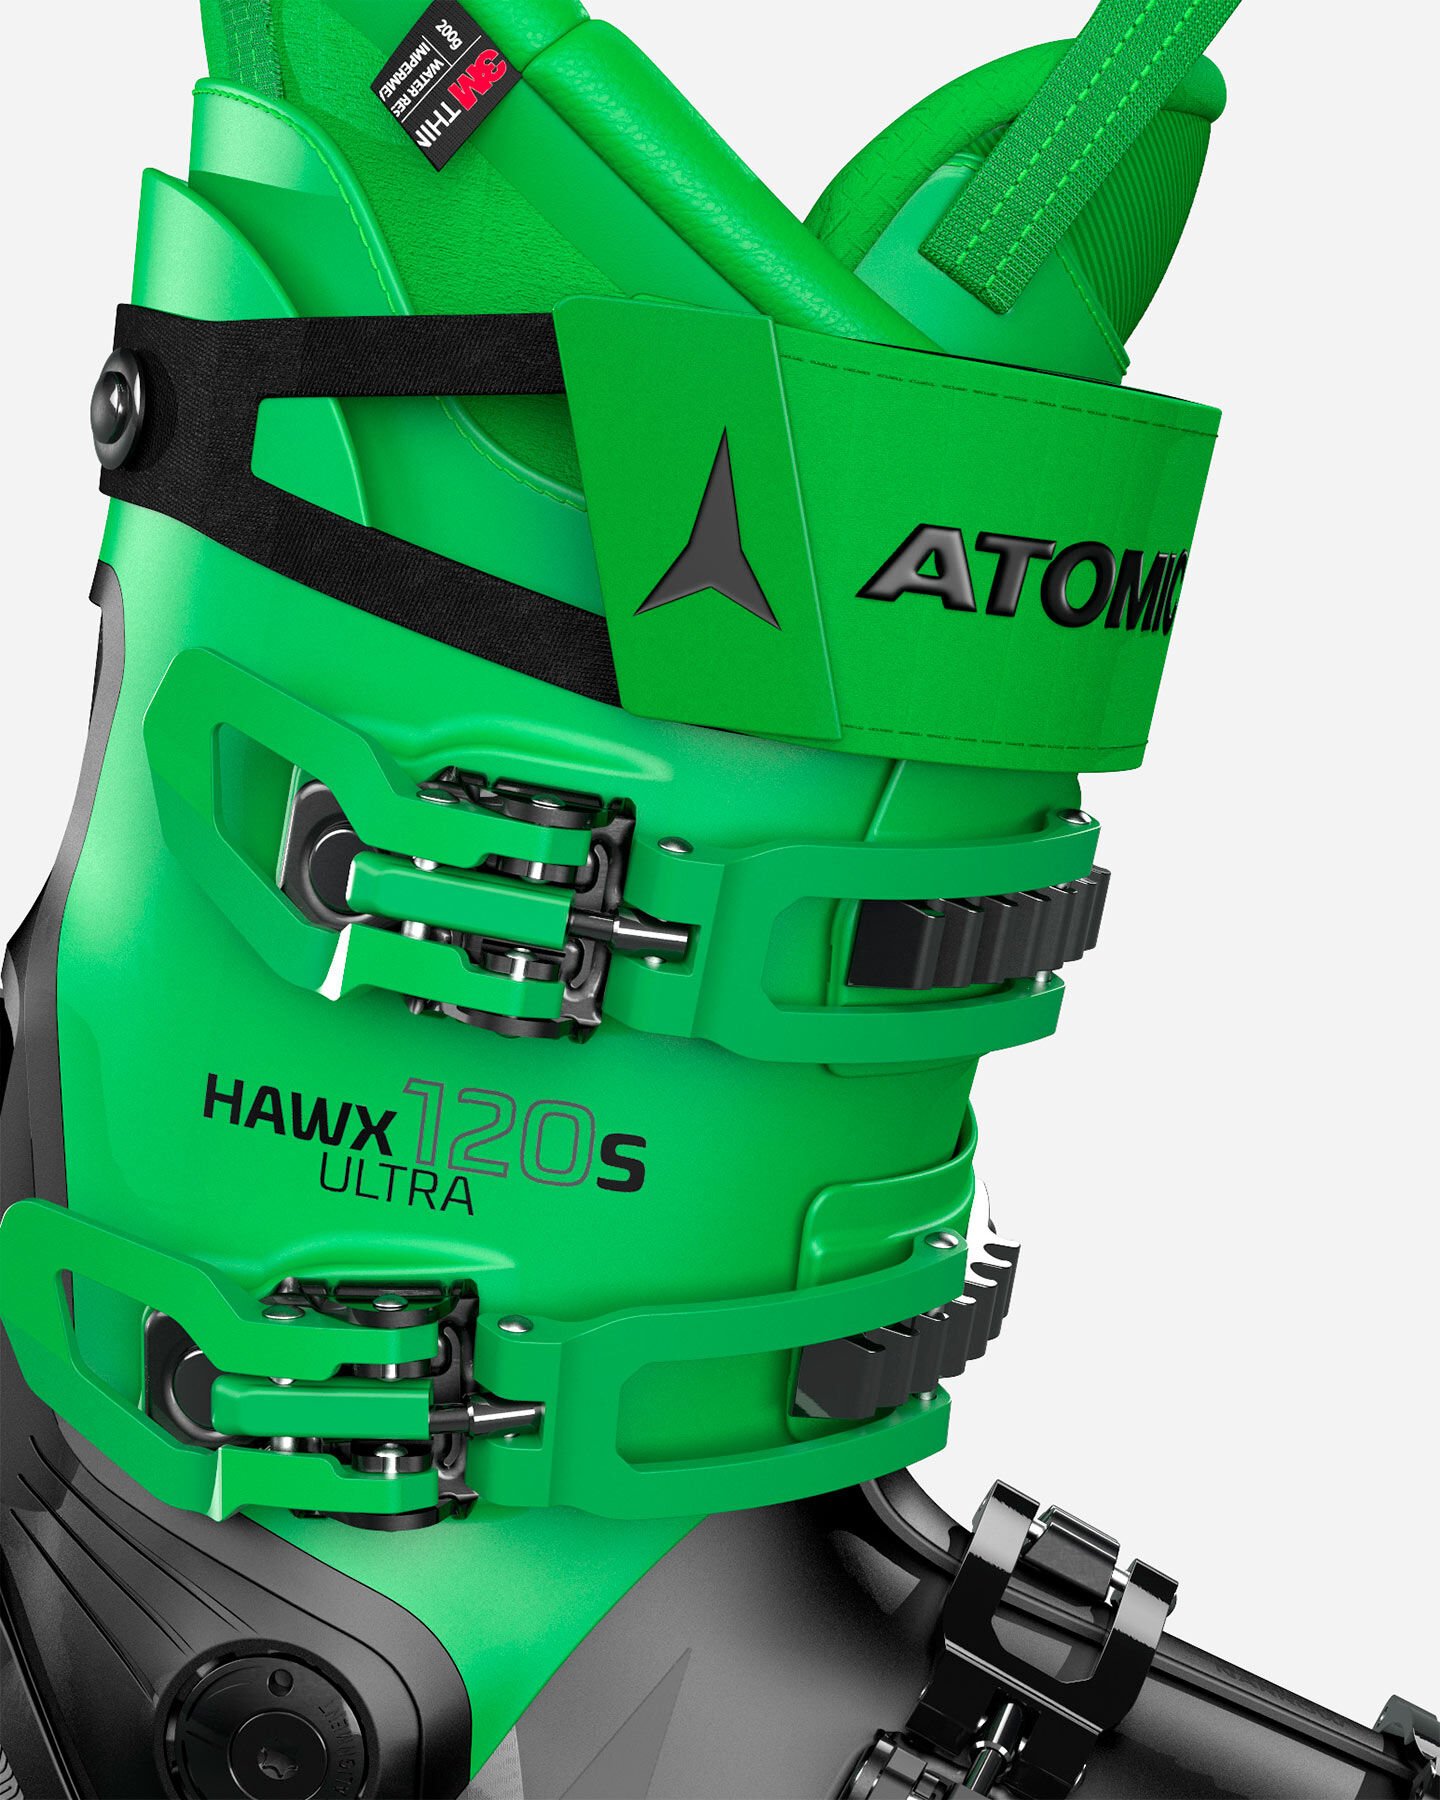 Scarponi sci ATOMIC HAWX ULTRA 120 S  S5252777 scatto 1